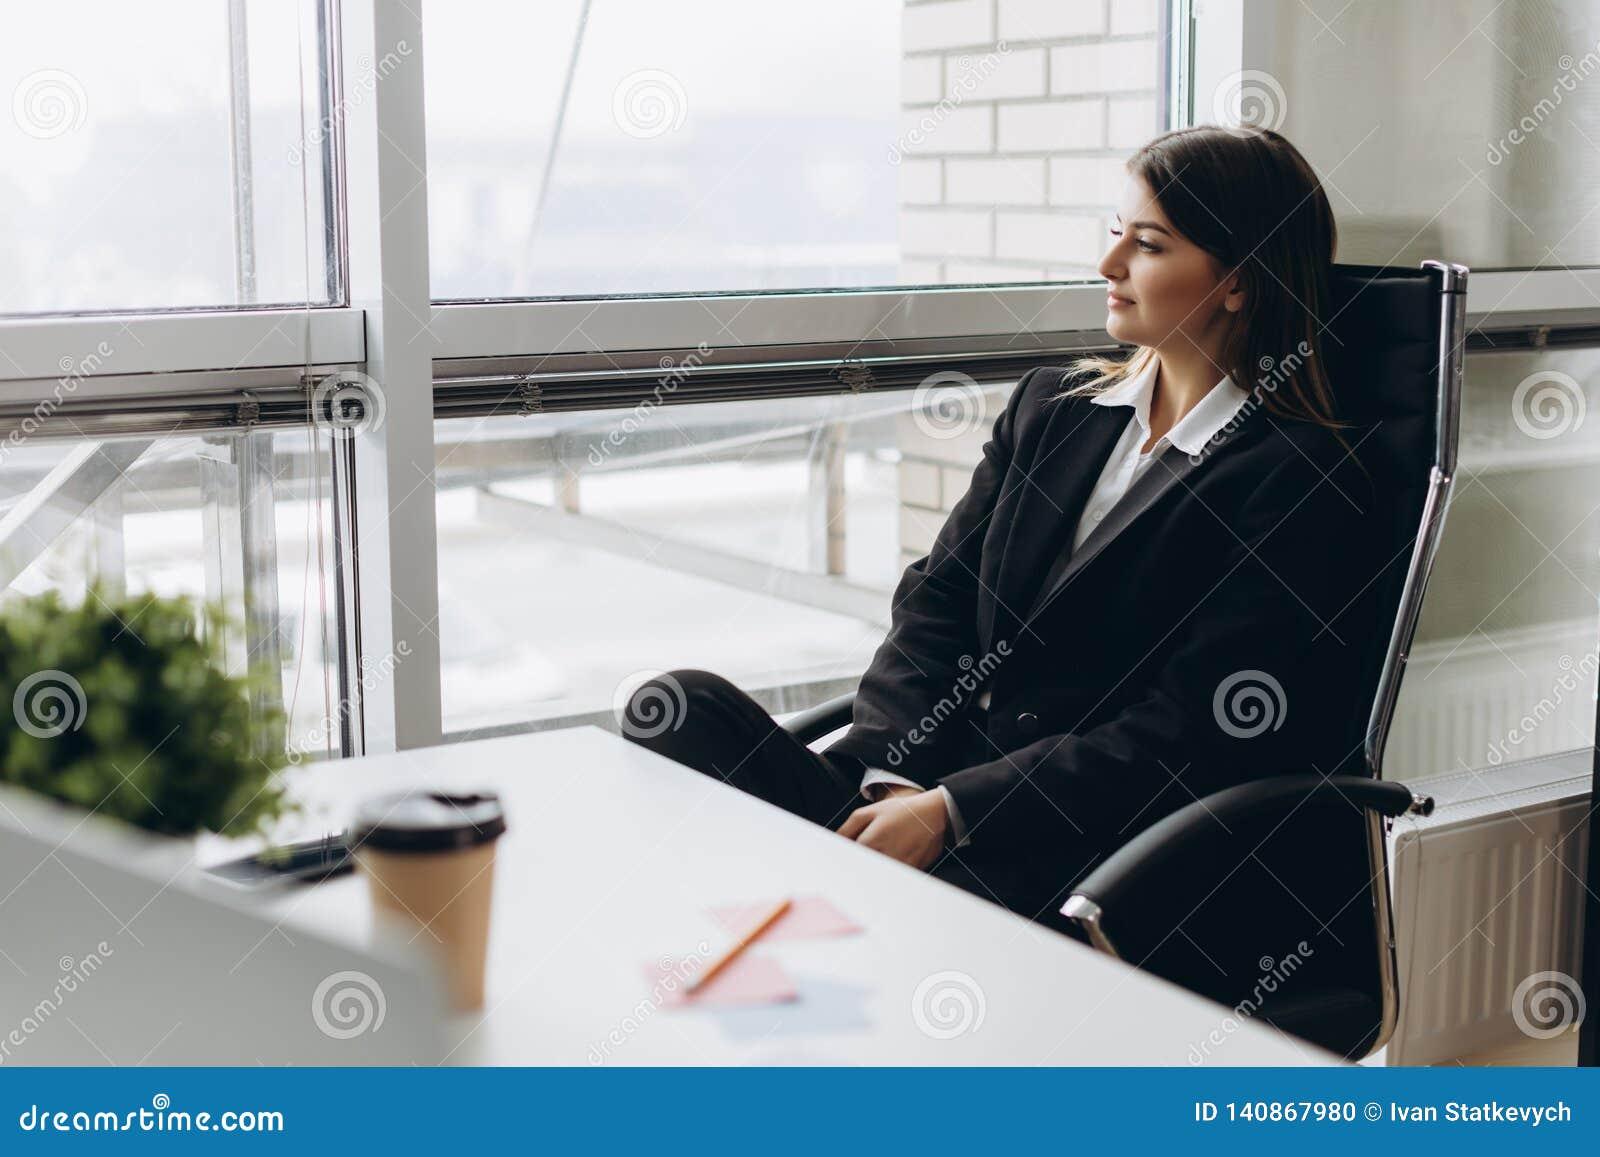 Concezione di successo Ritratto di giovane seduta businesslady splendida nel suo luogo di lavoro nell ufficio